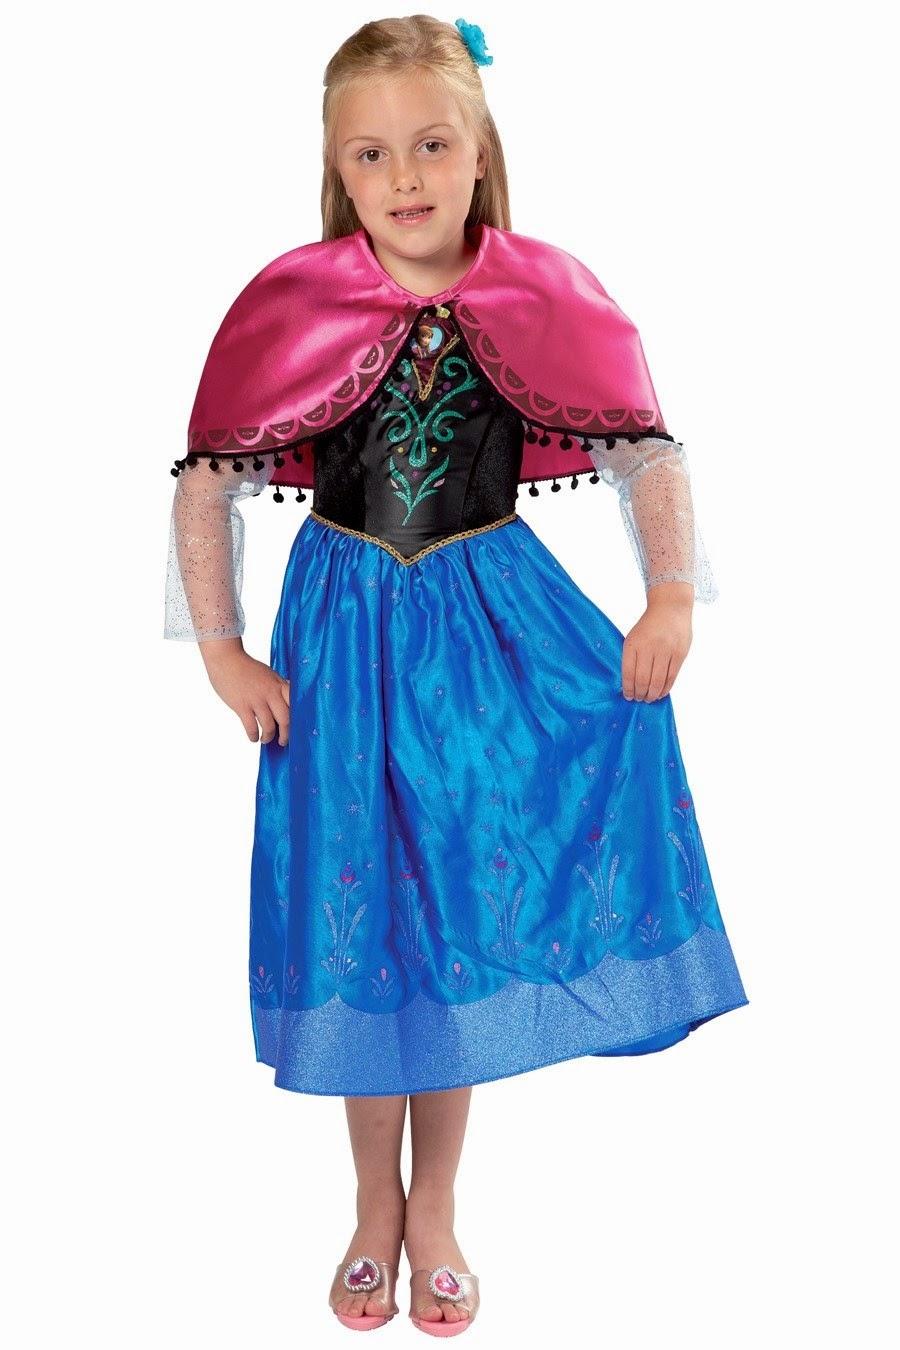 Frozen Luxury Anna Dress-Up